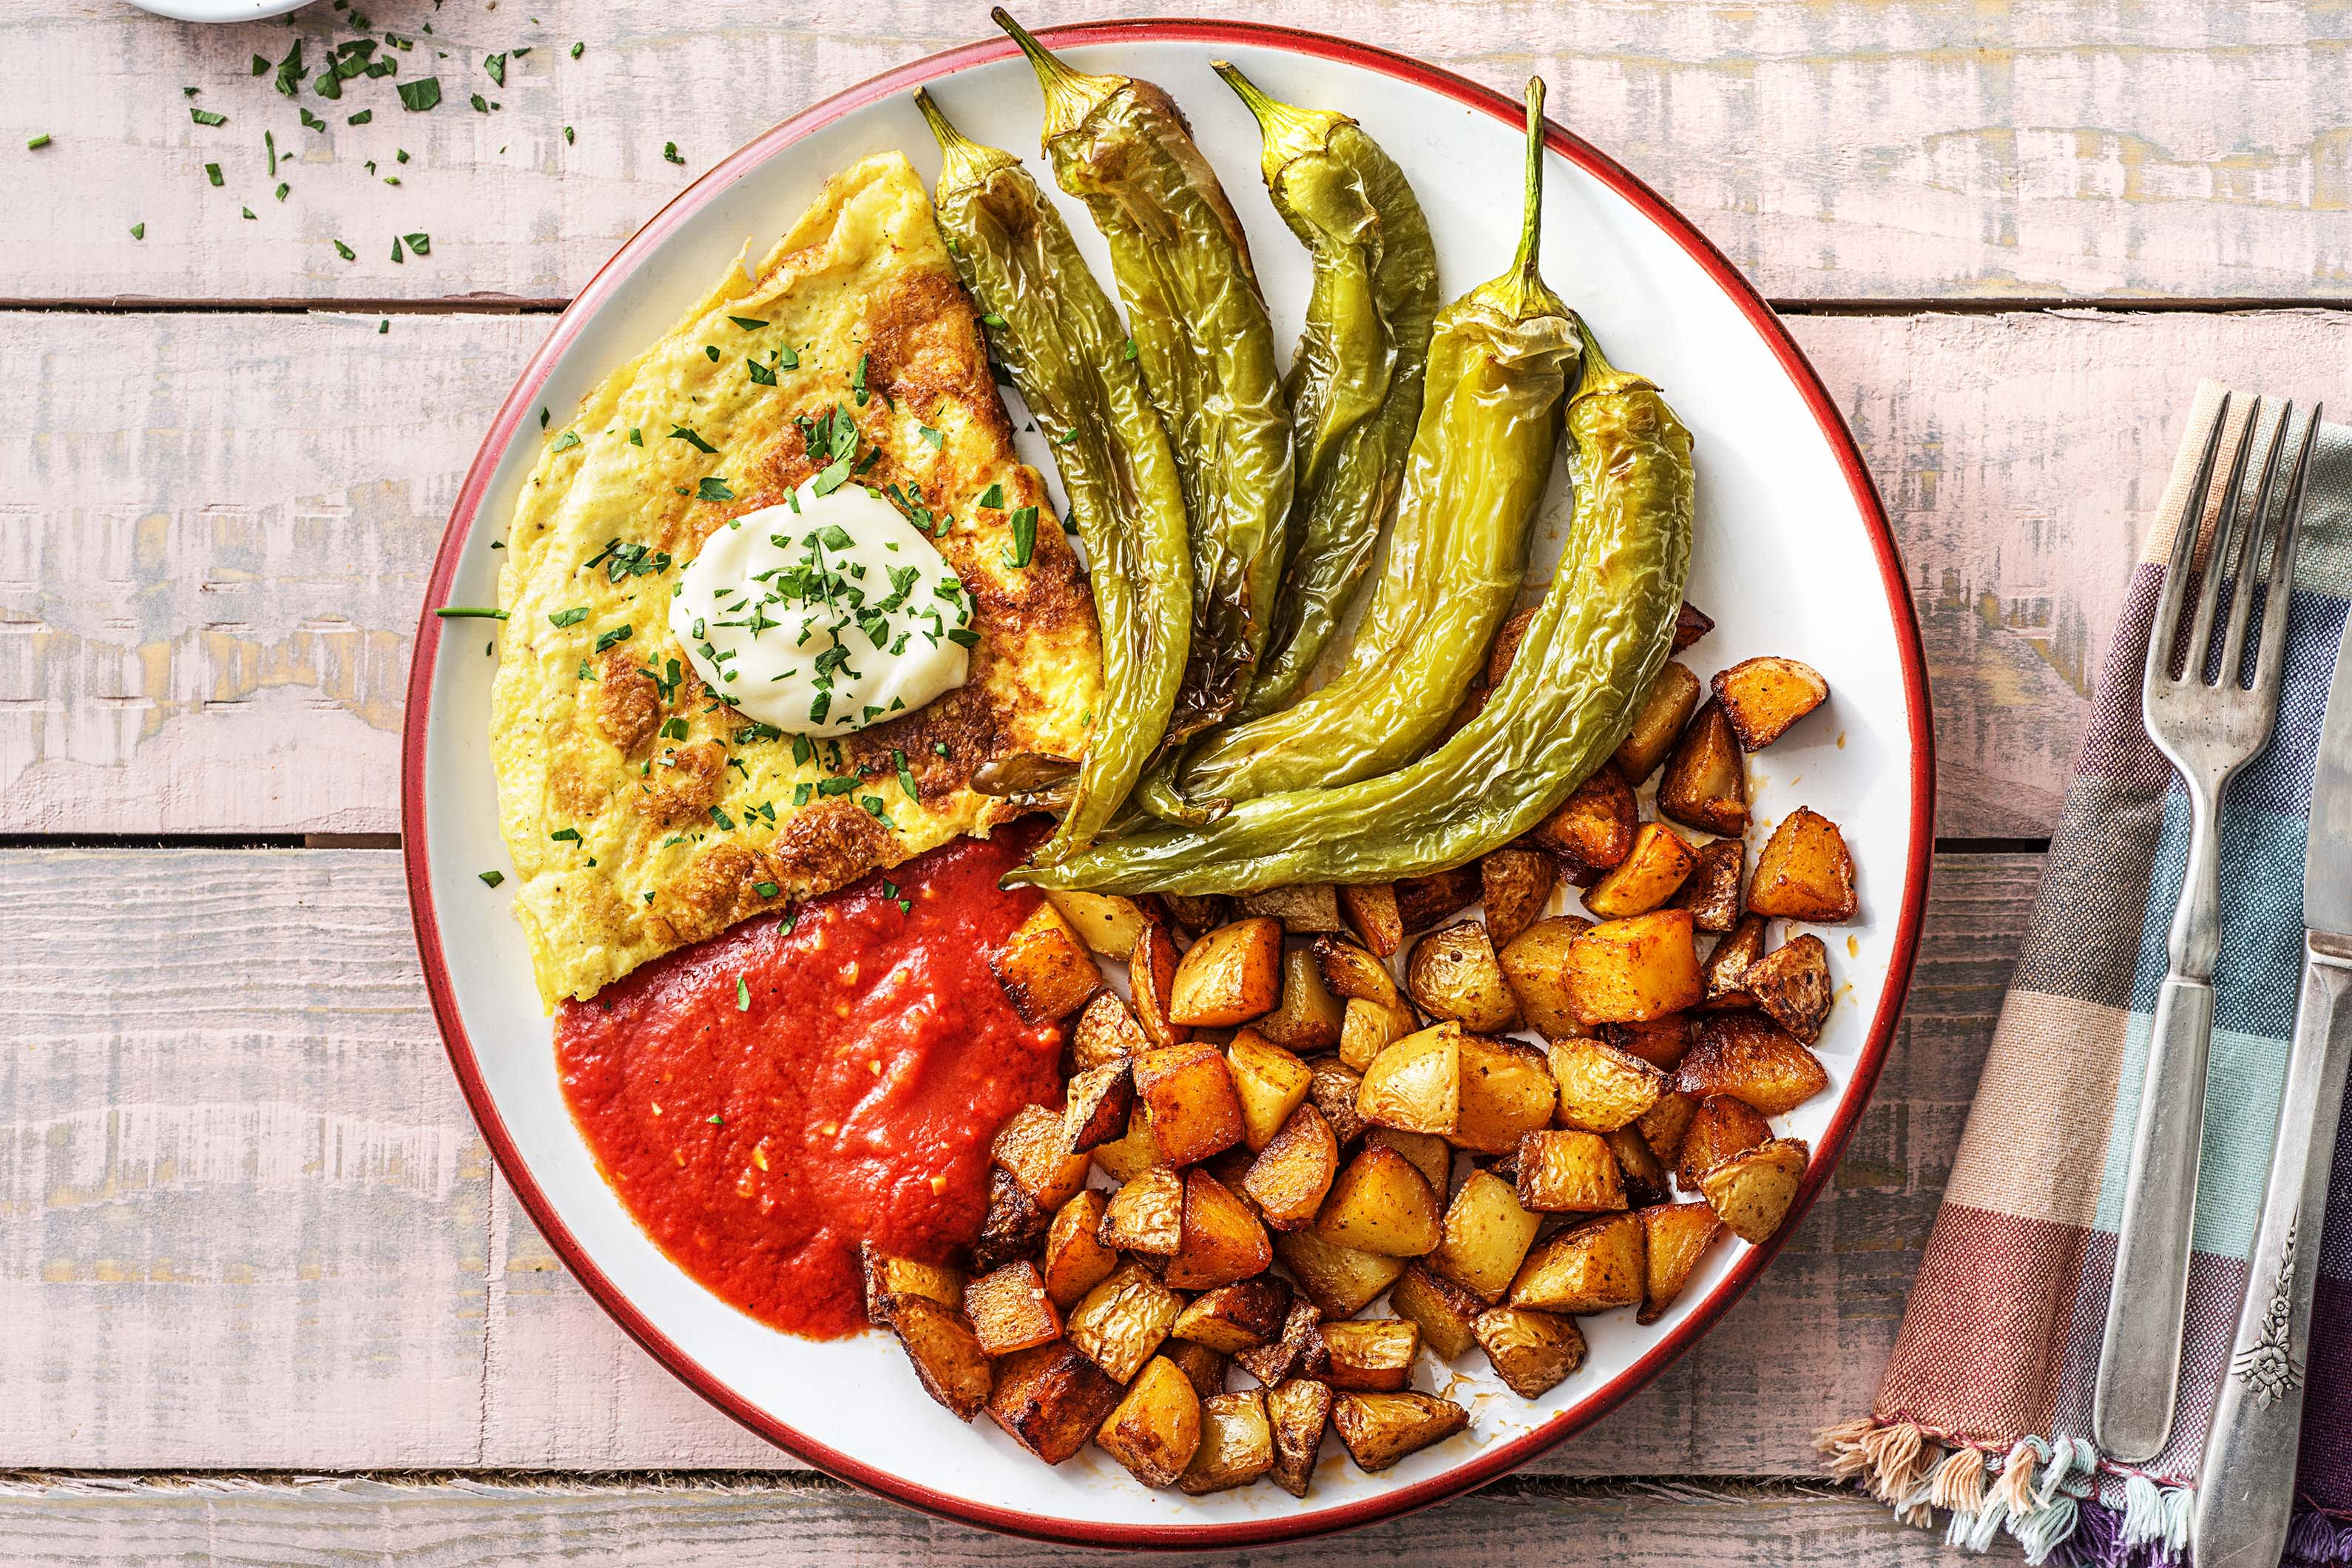 Patatas bravas et omelette au fromage de chèvre